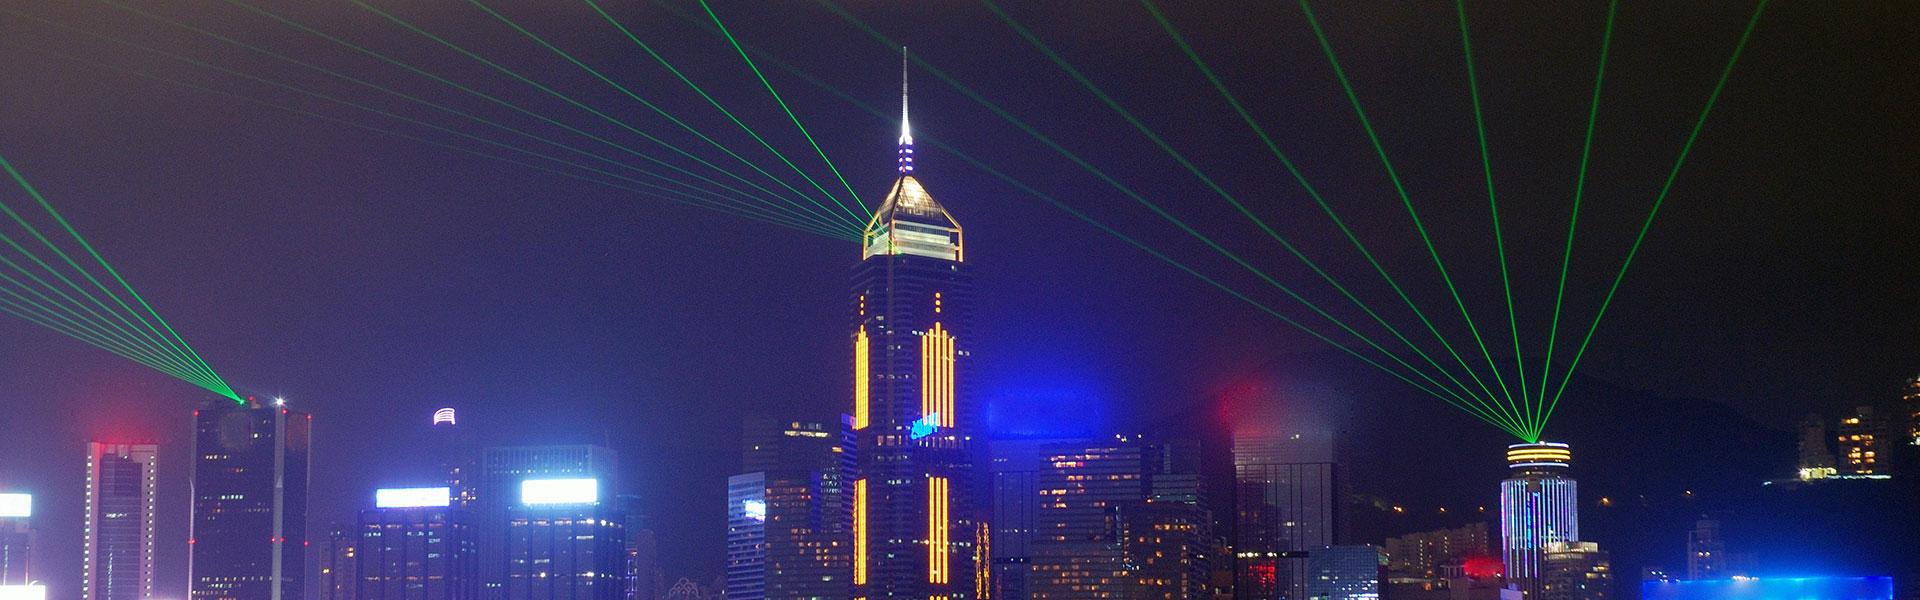 晚上的燈光演出與香港高樓美景